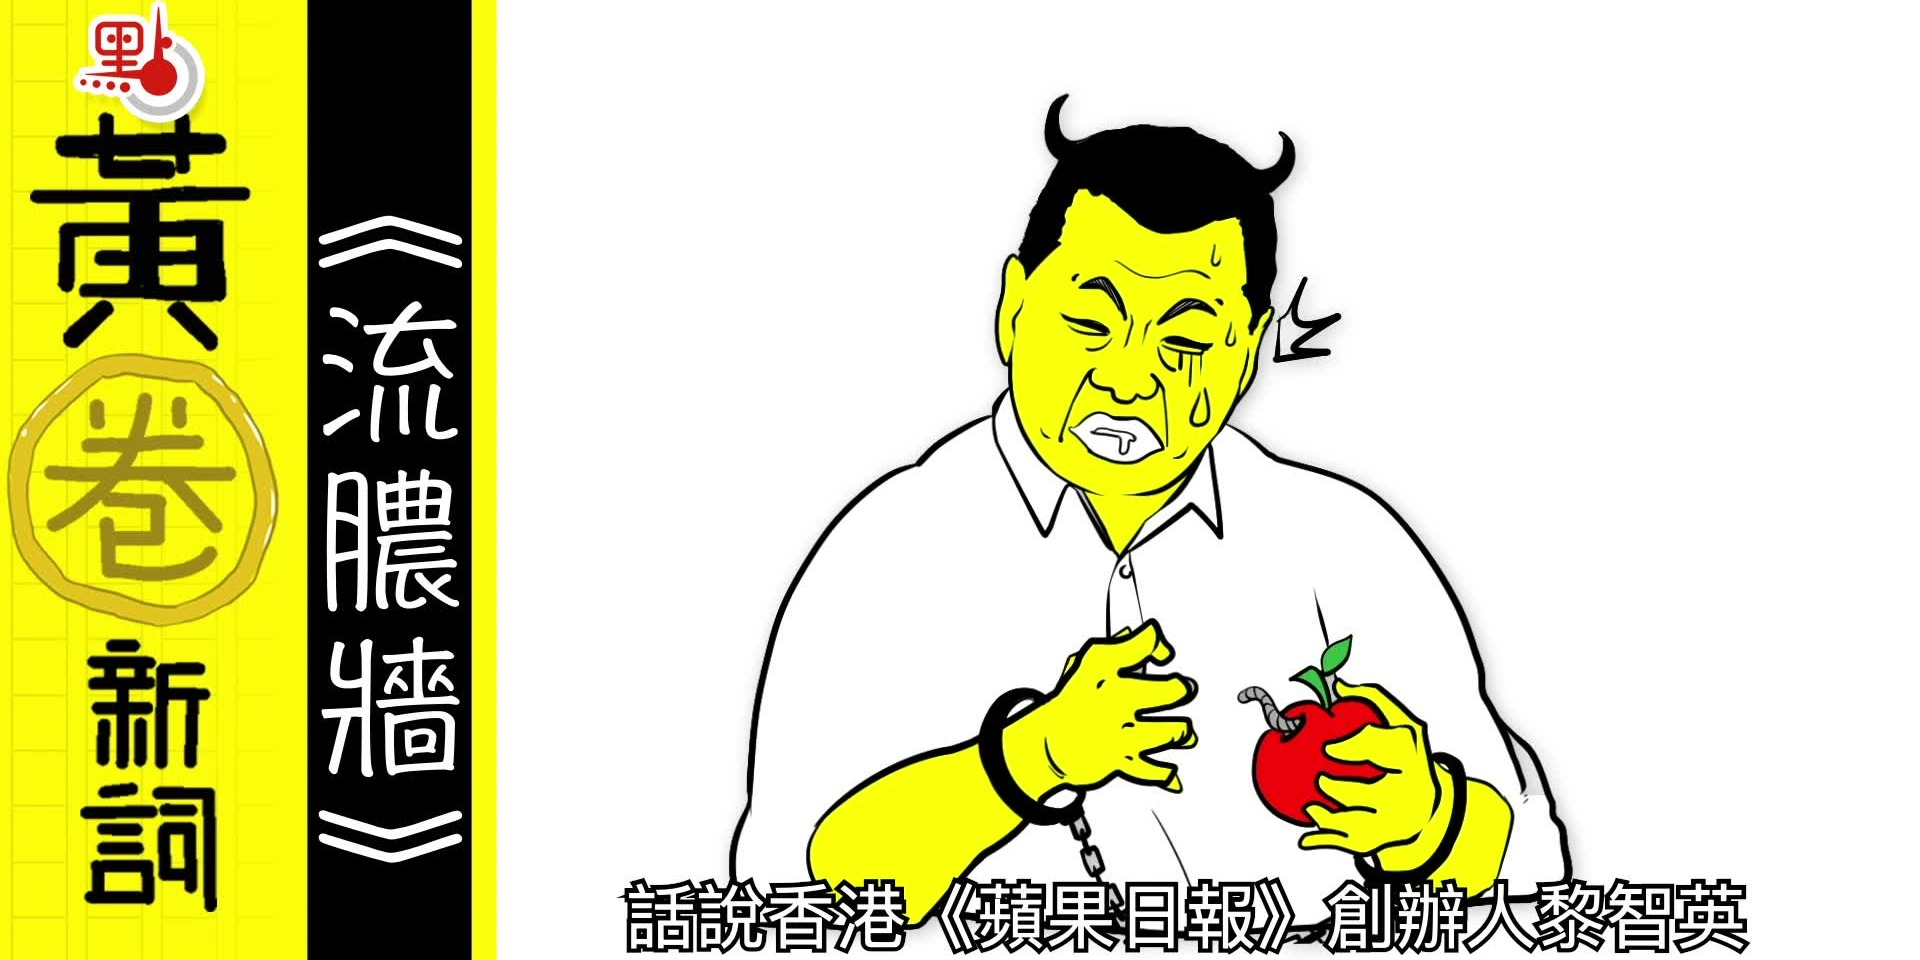 黃圈新詞:流膿牆【動畫】